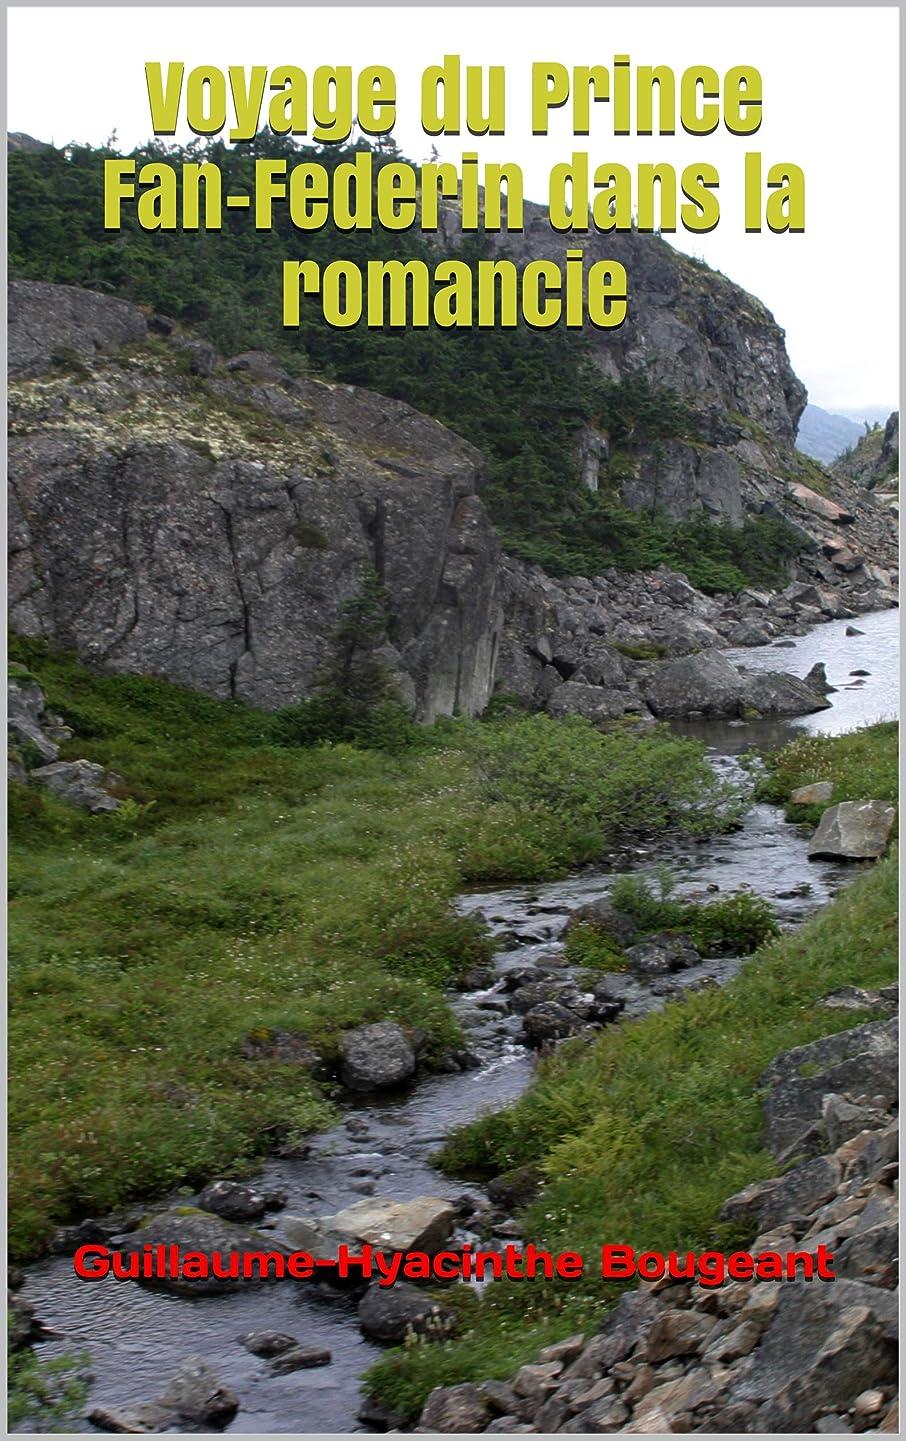 インスタンス祭り詩Voyage du Prince Fan-Federin dans la romancie (French Edition)